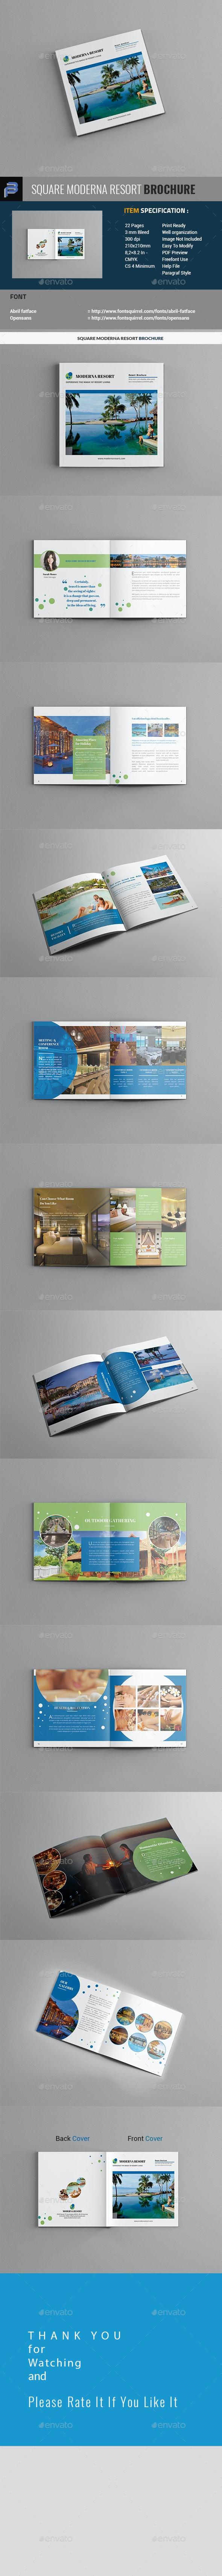 Moderna Resort Brochure - Informational Brochures